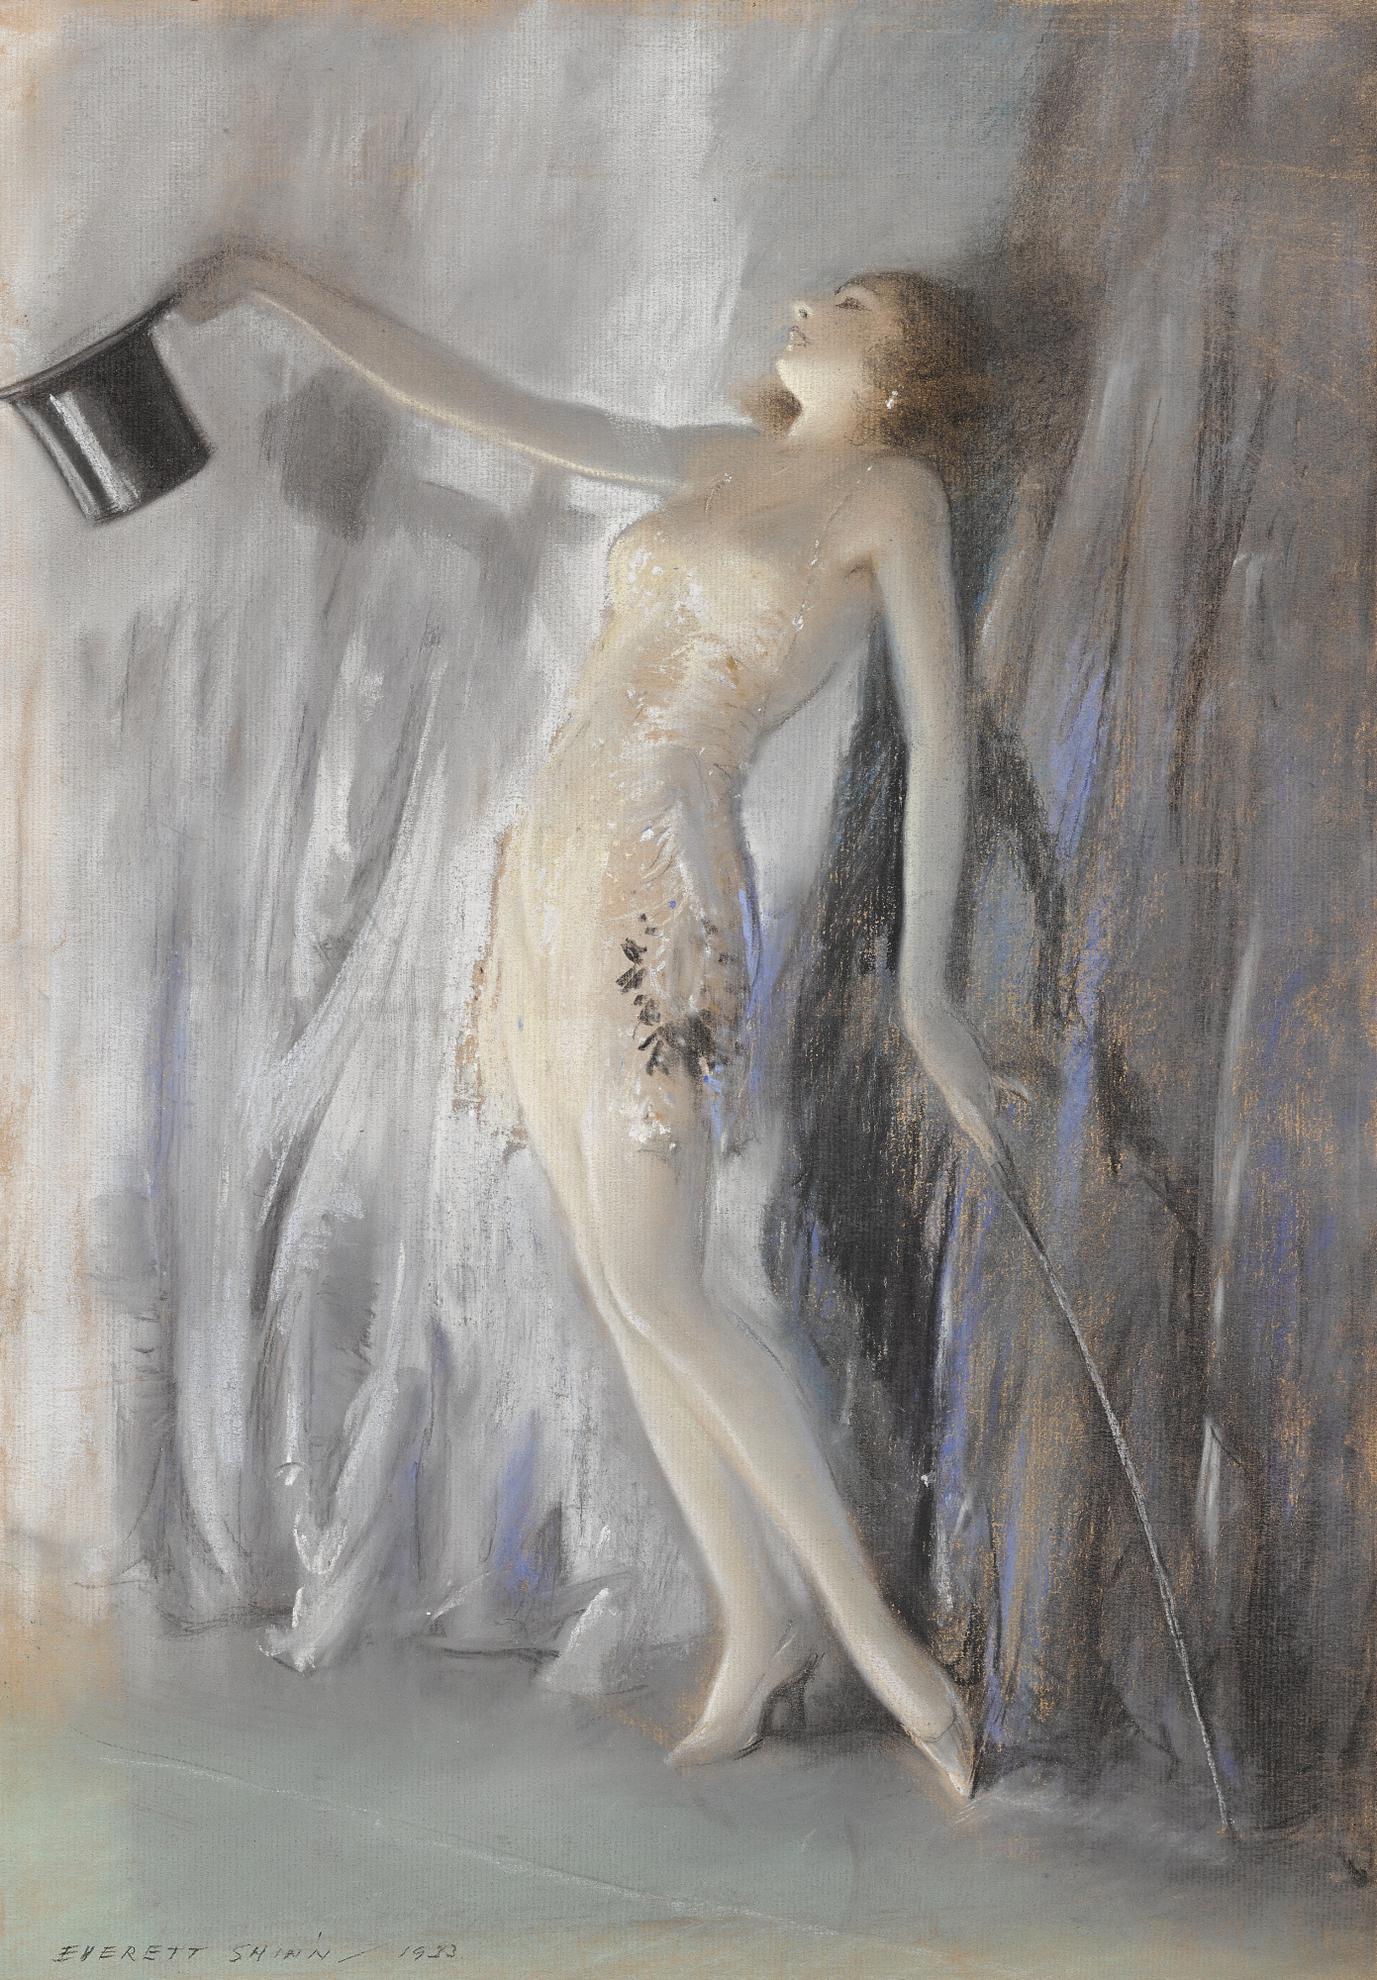 Everett Shinn - Curtain Call-1933